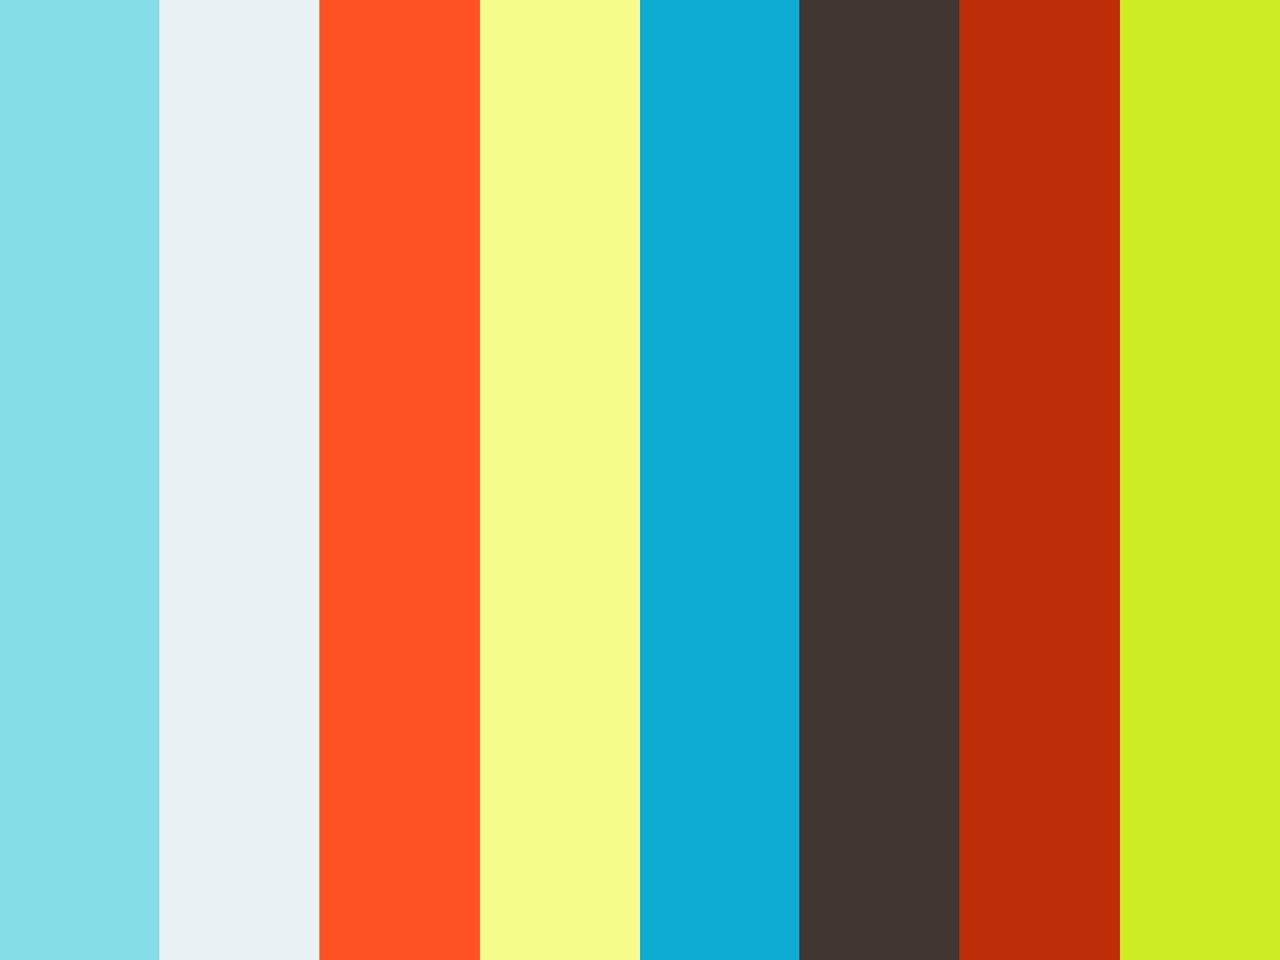 BRAVA_BLACK FRIDAY_1920x1080_ 16_9_151119